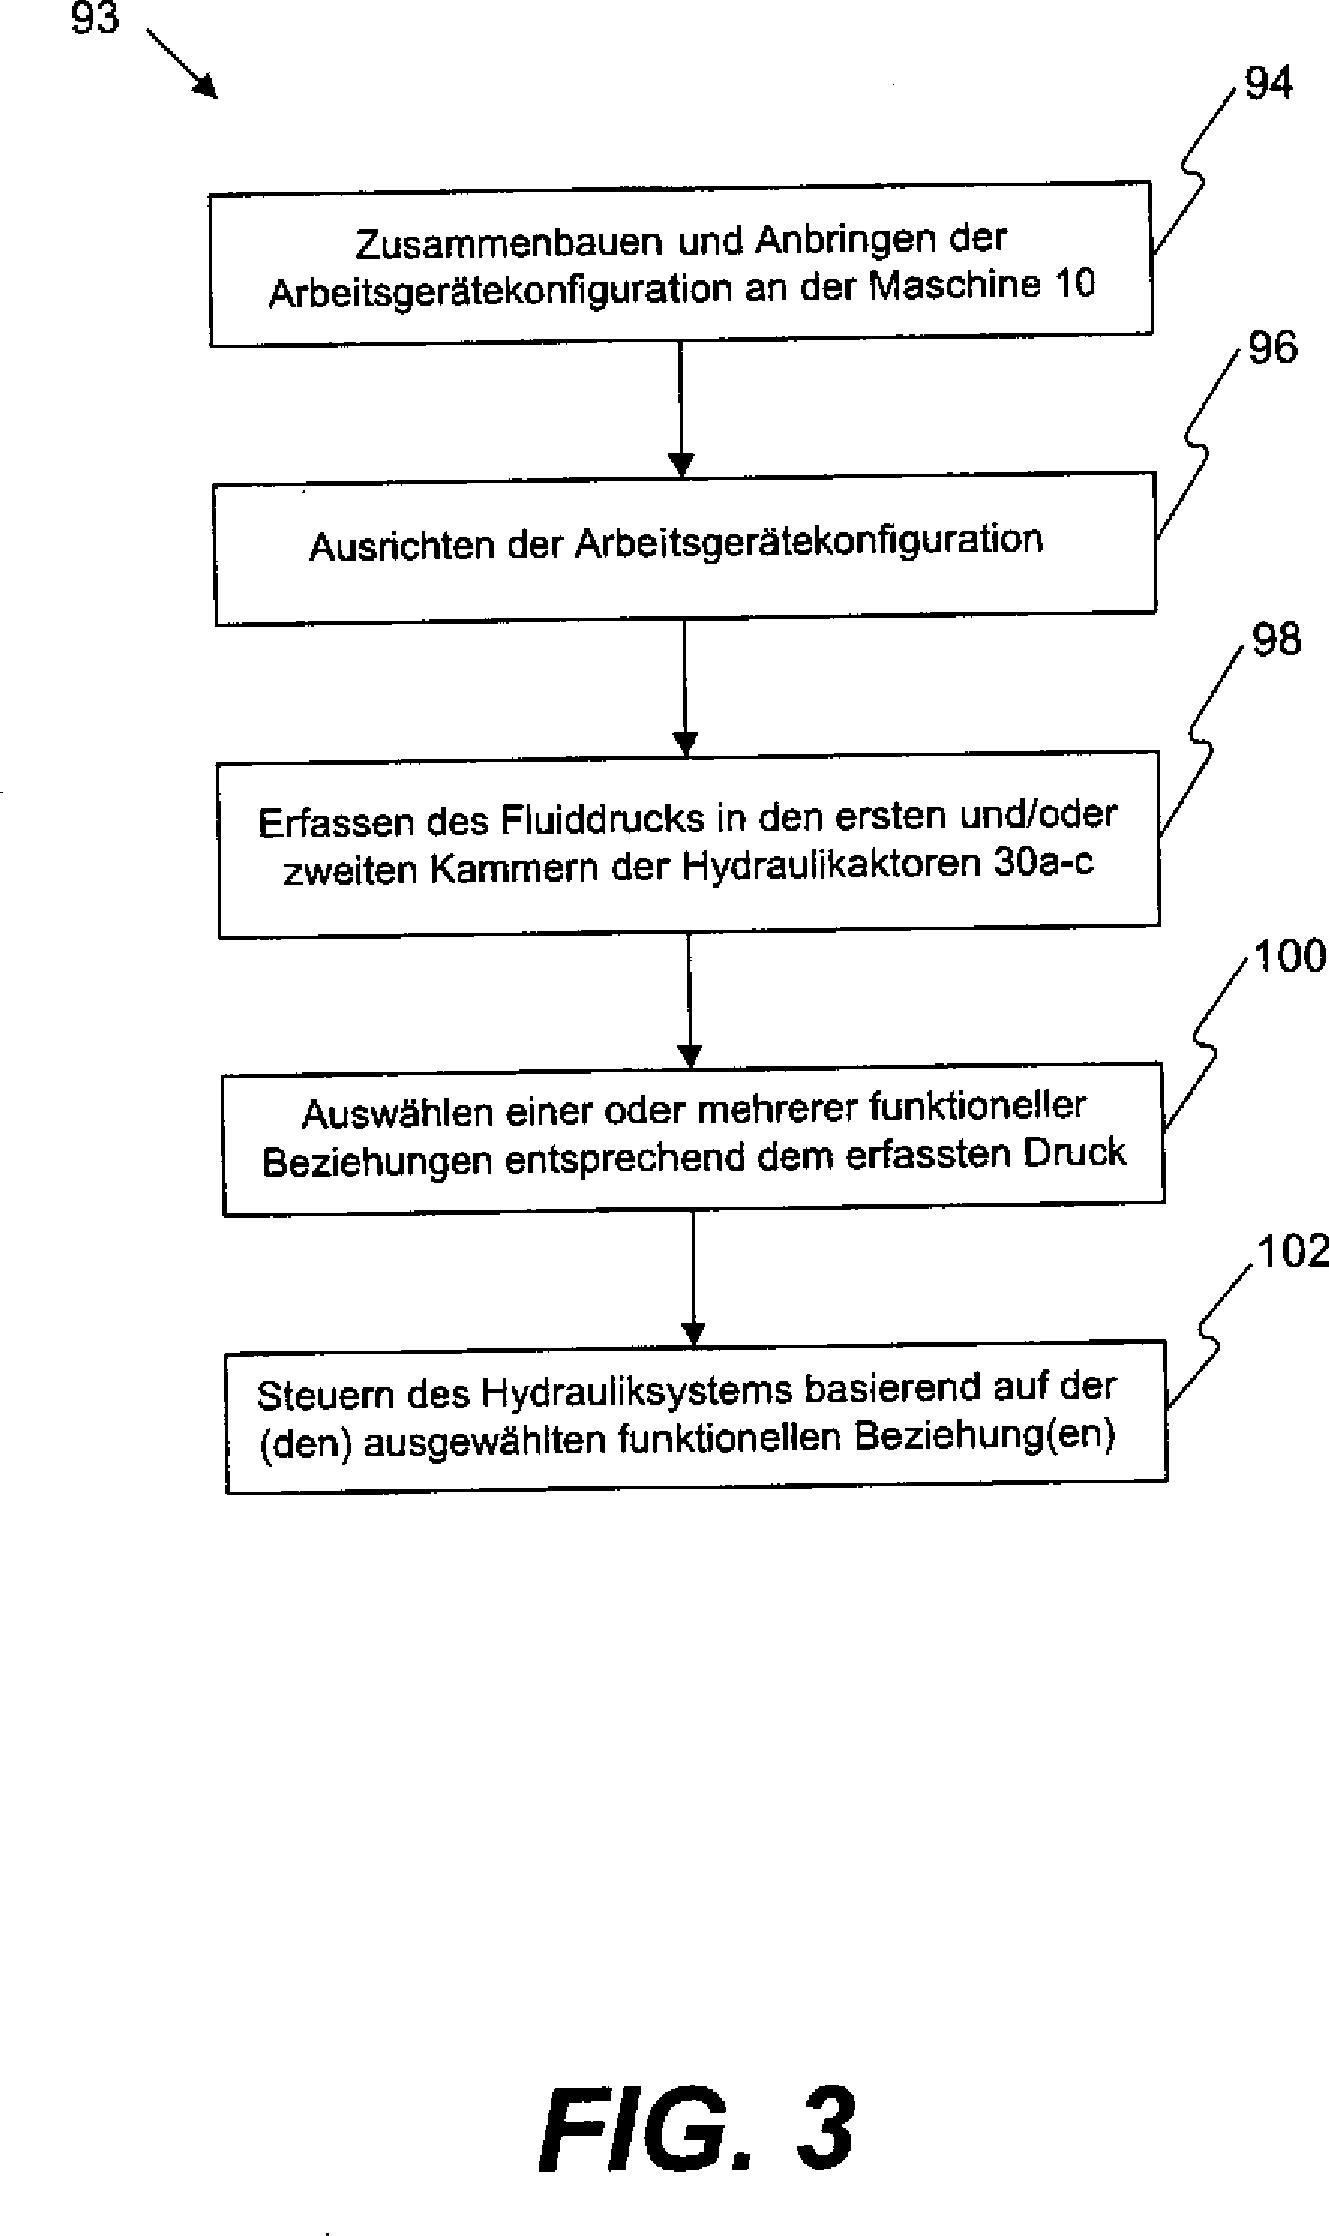 Gemütlich Schematische Darstellung Des Hydrauliksystems ...